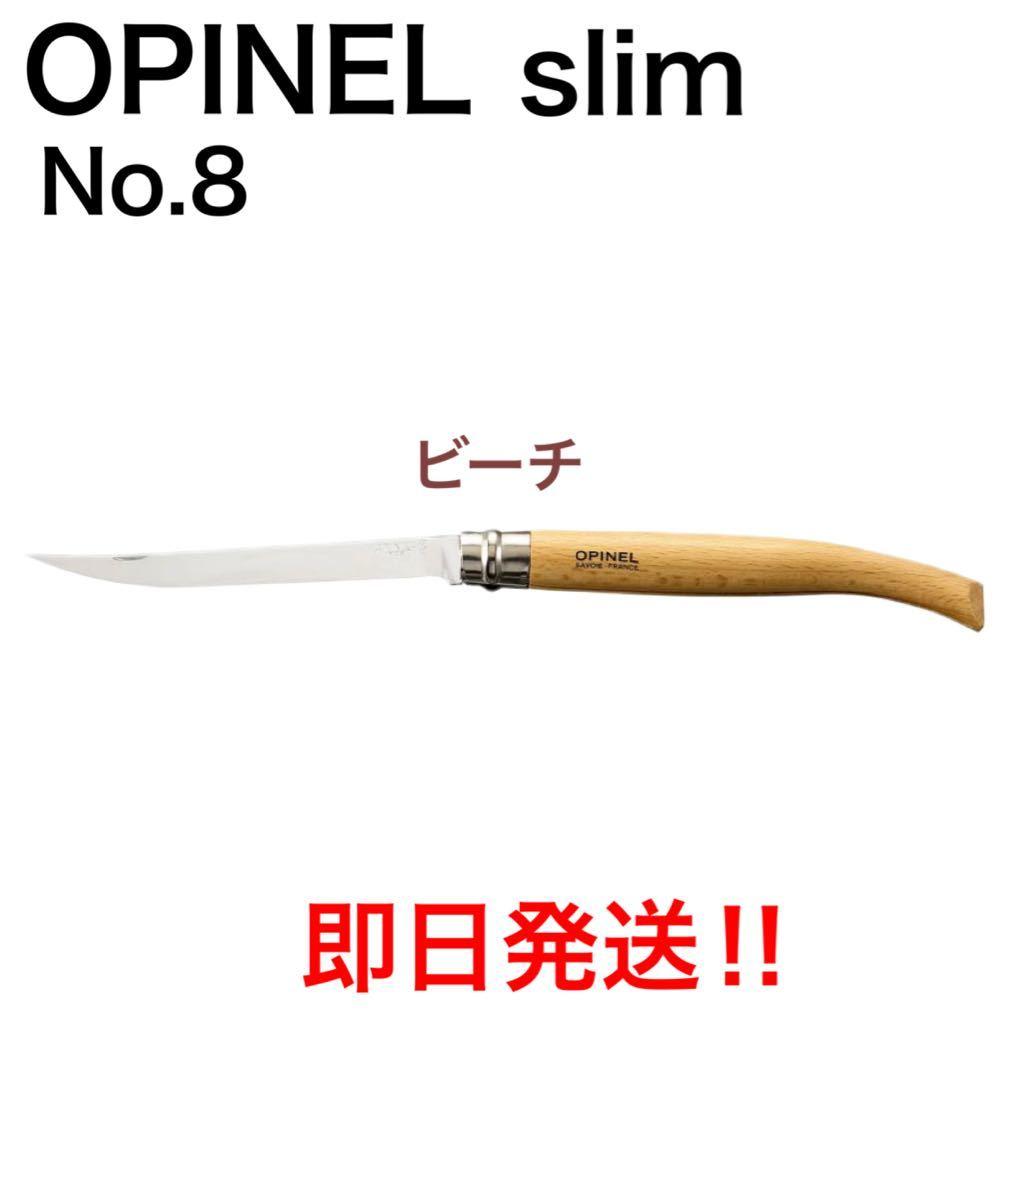 オピネル スリムナイフ ビーチ #8 8cm  新品 ソロキャンプに オススメ OPINEL